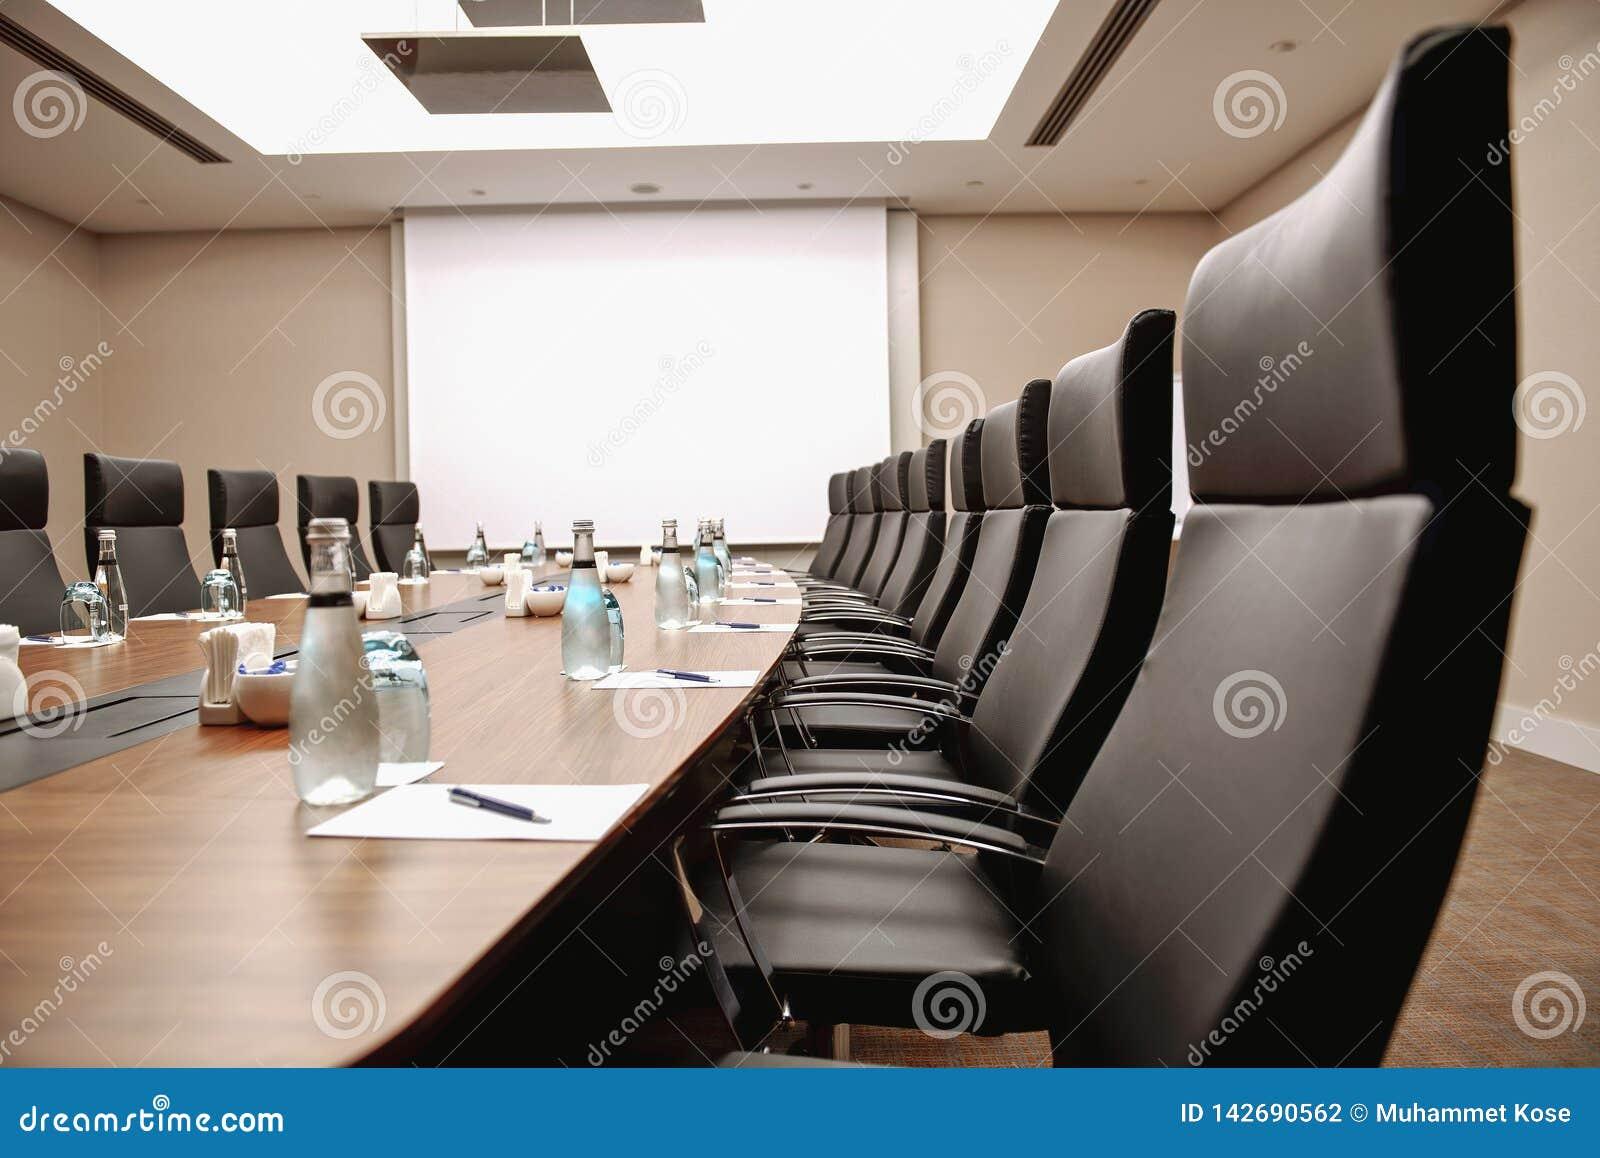 Zamyka w górę stołowego sali konferencyjnej wnętrza